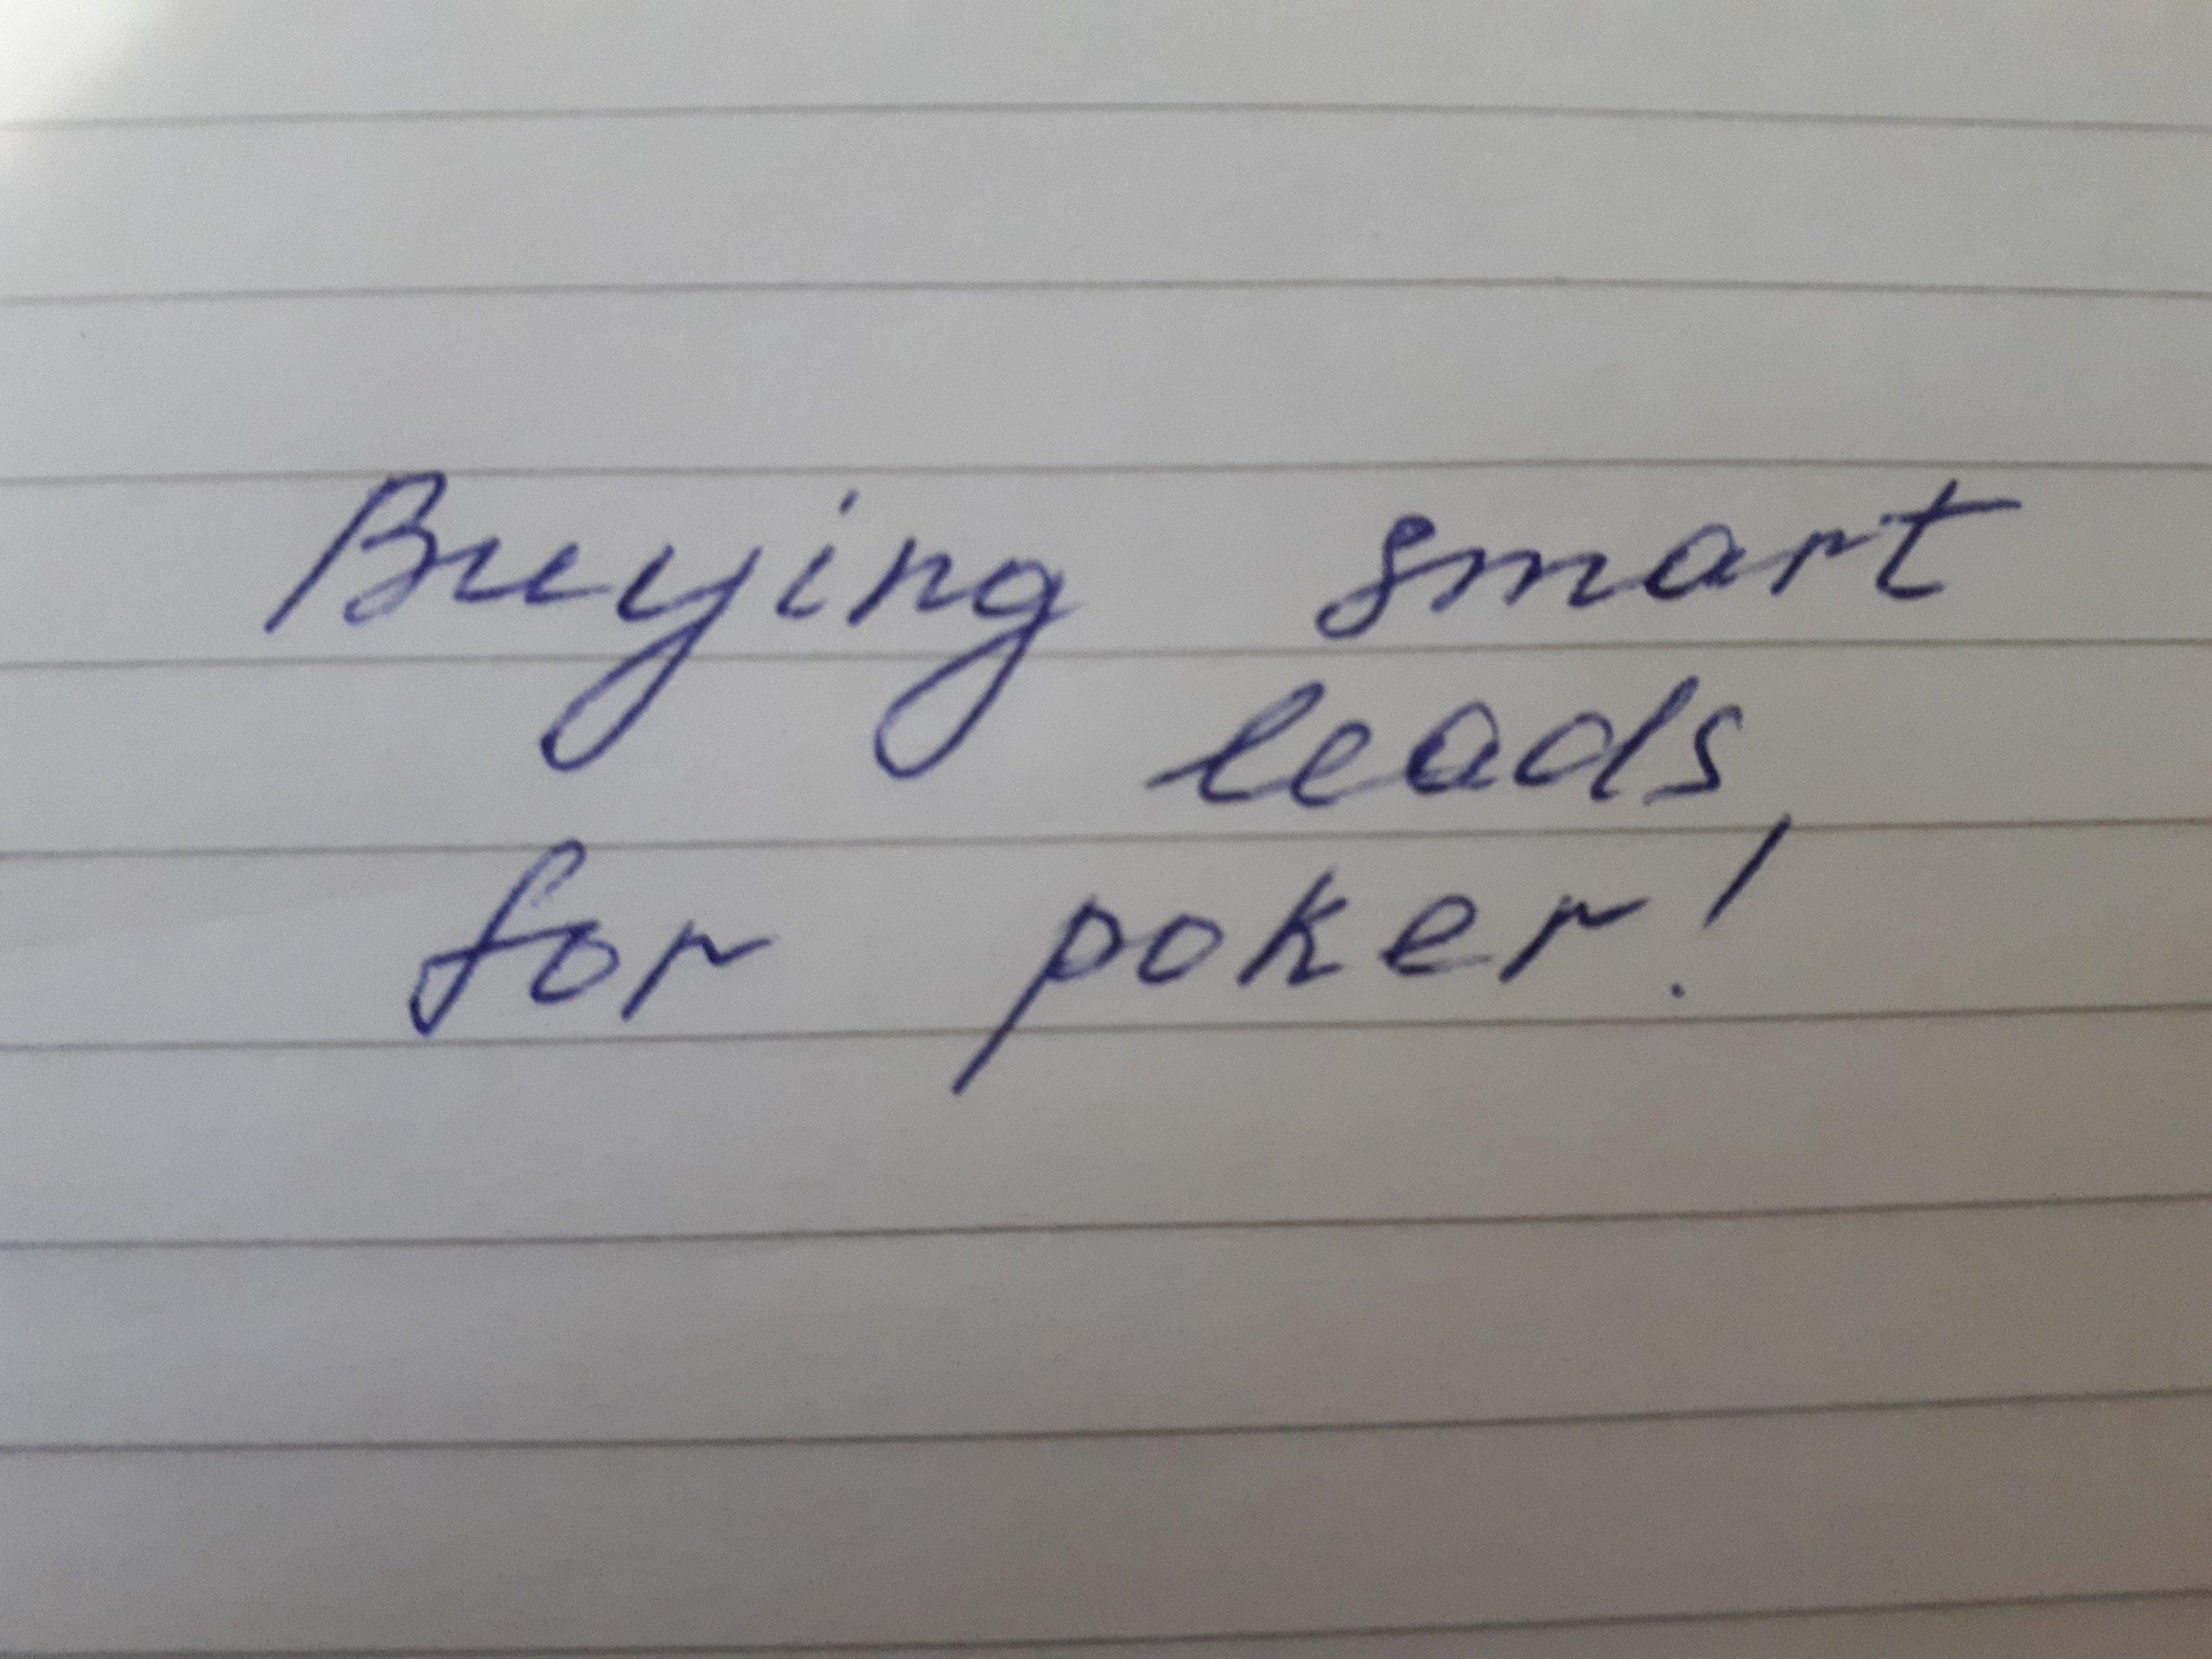 Buying smart leds for poker 3snet